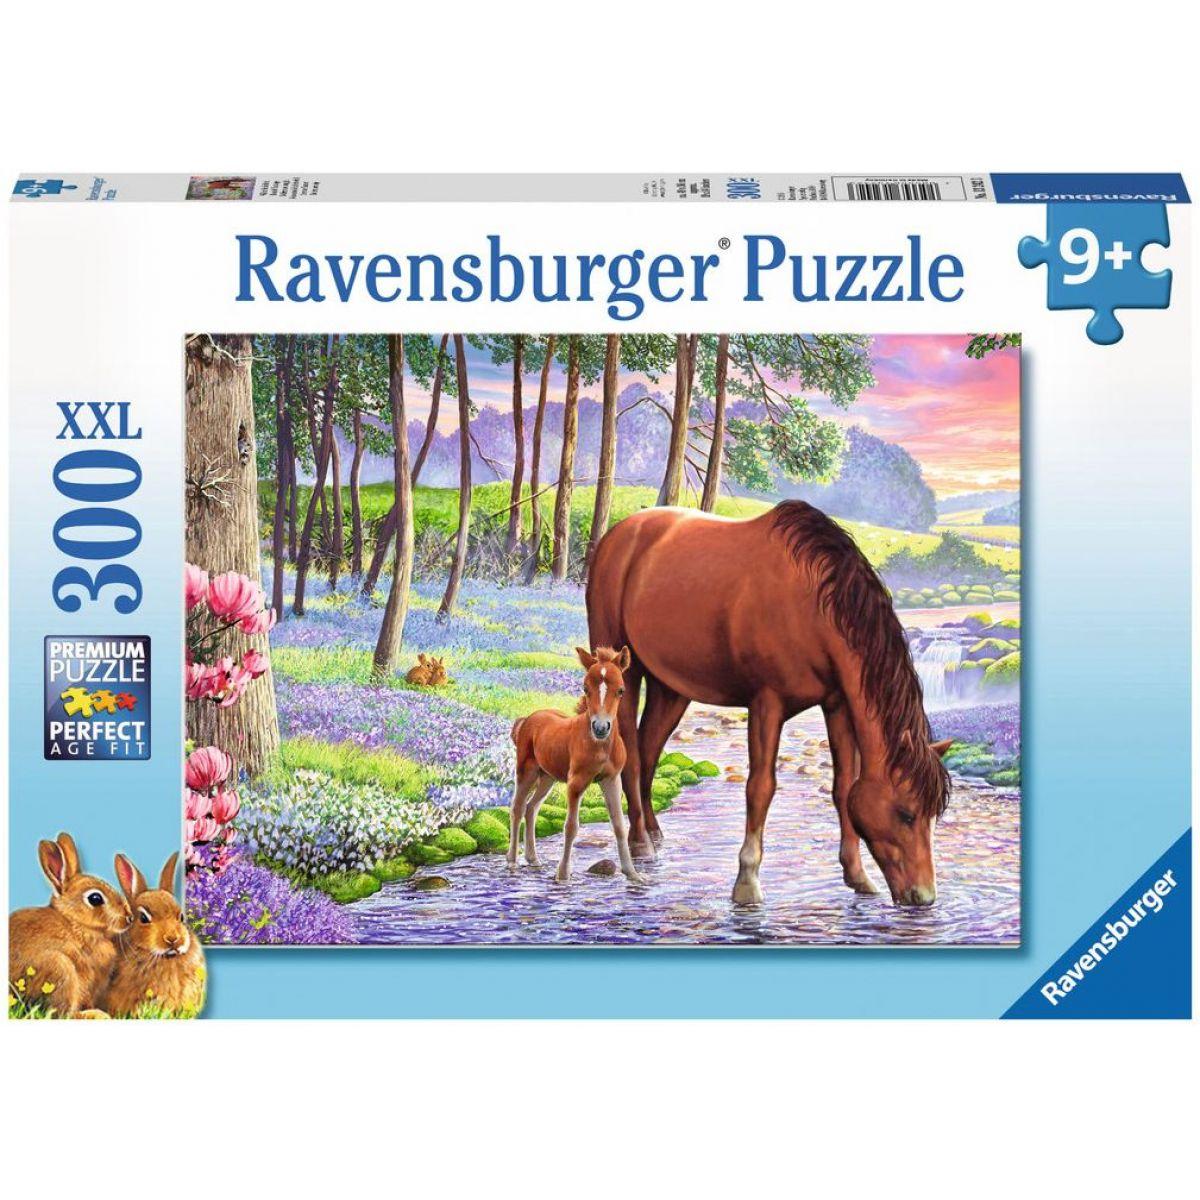 Ravensburger Puzzle Premium Klidný západ slunce 300XXL dílků